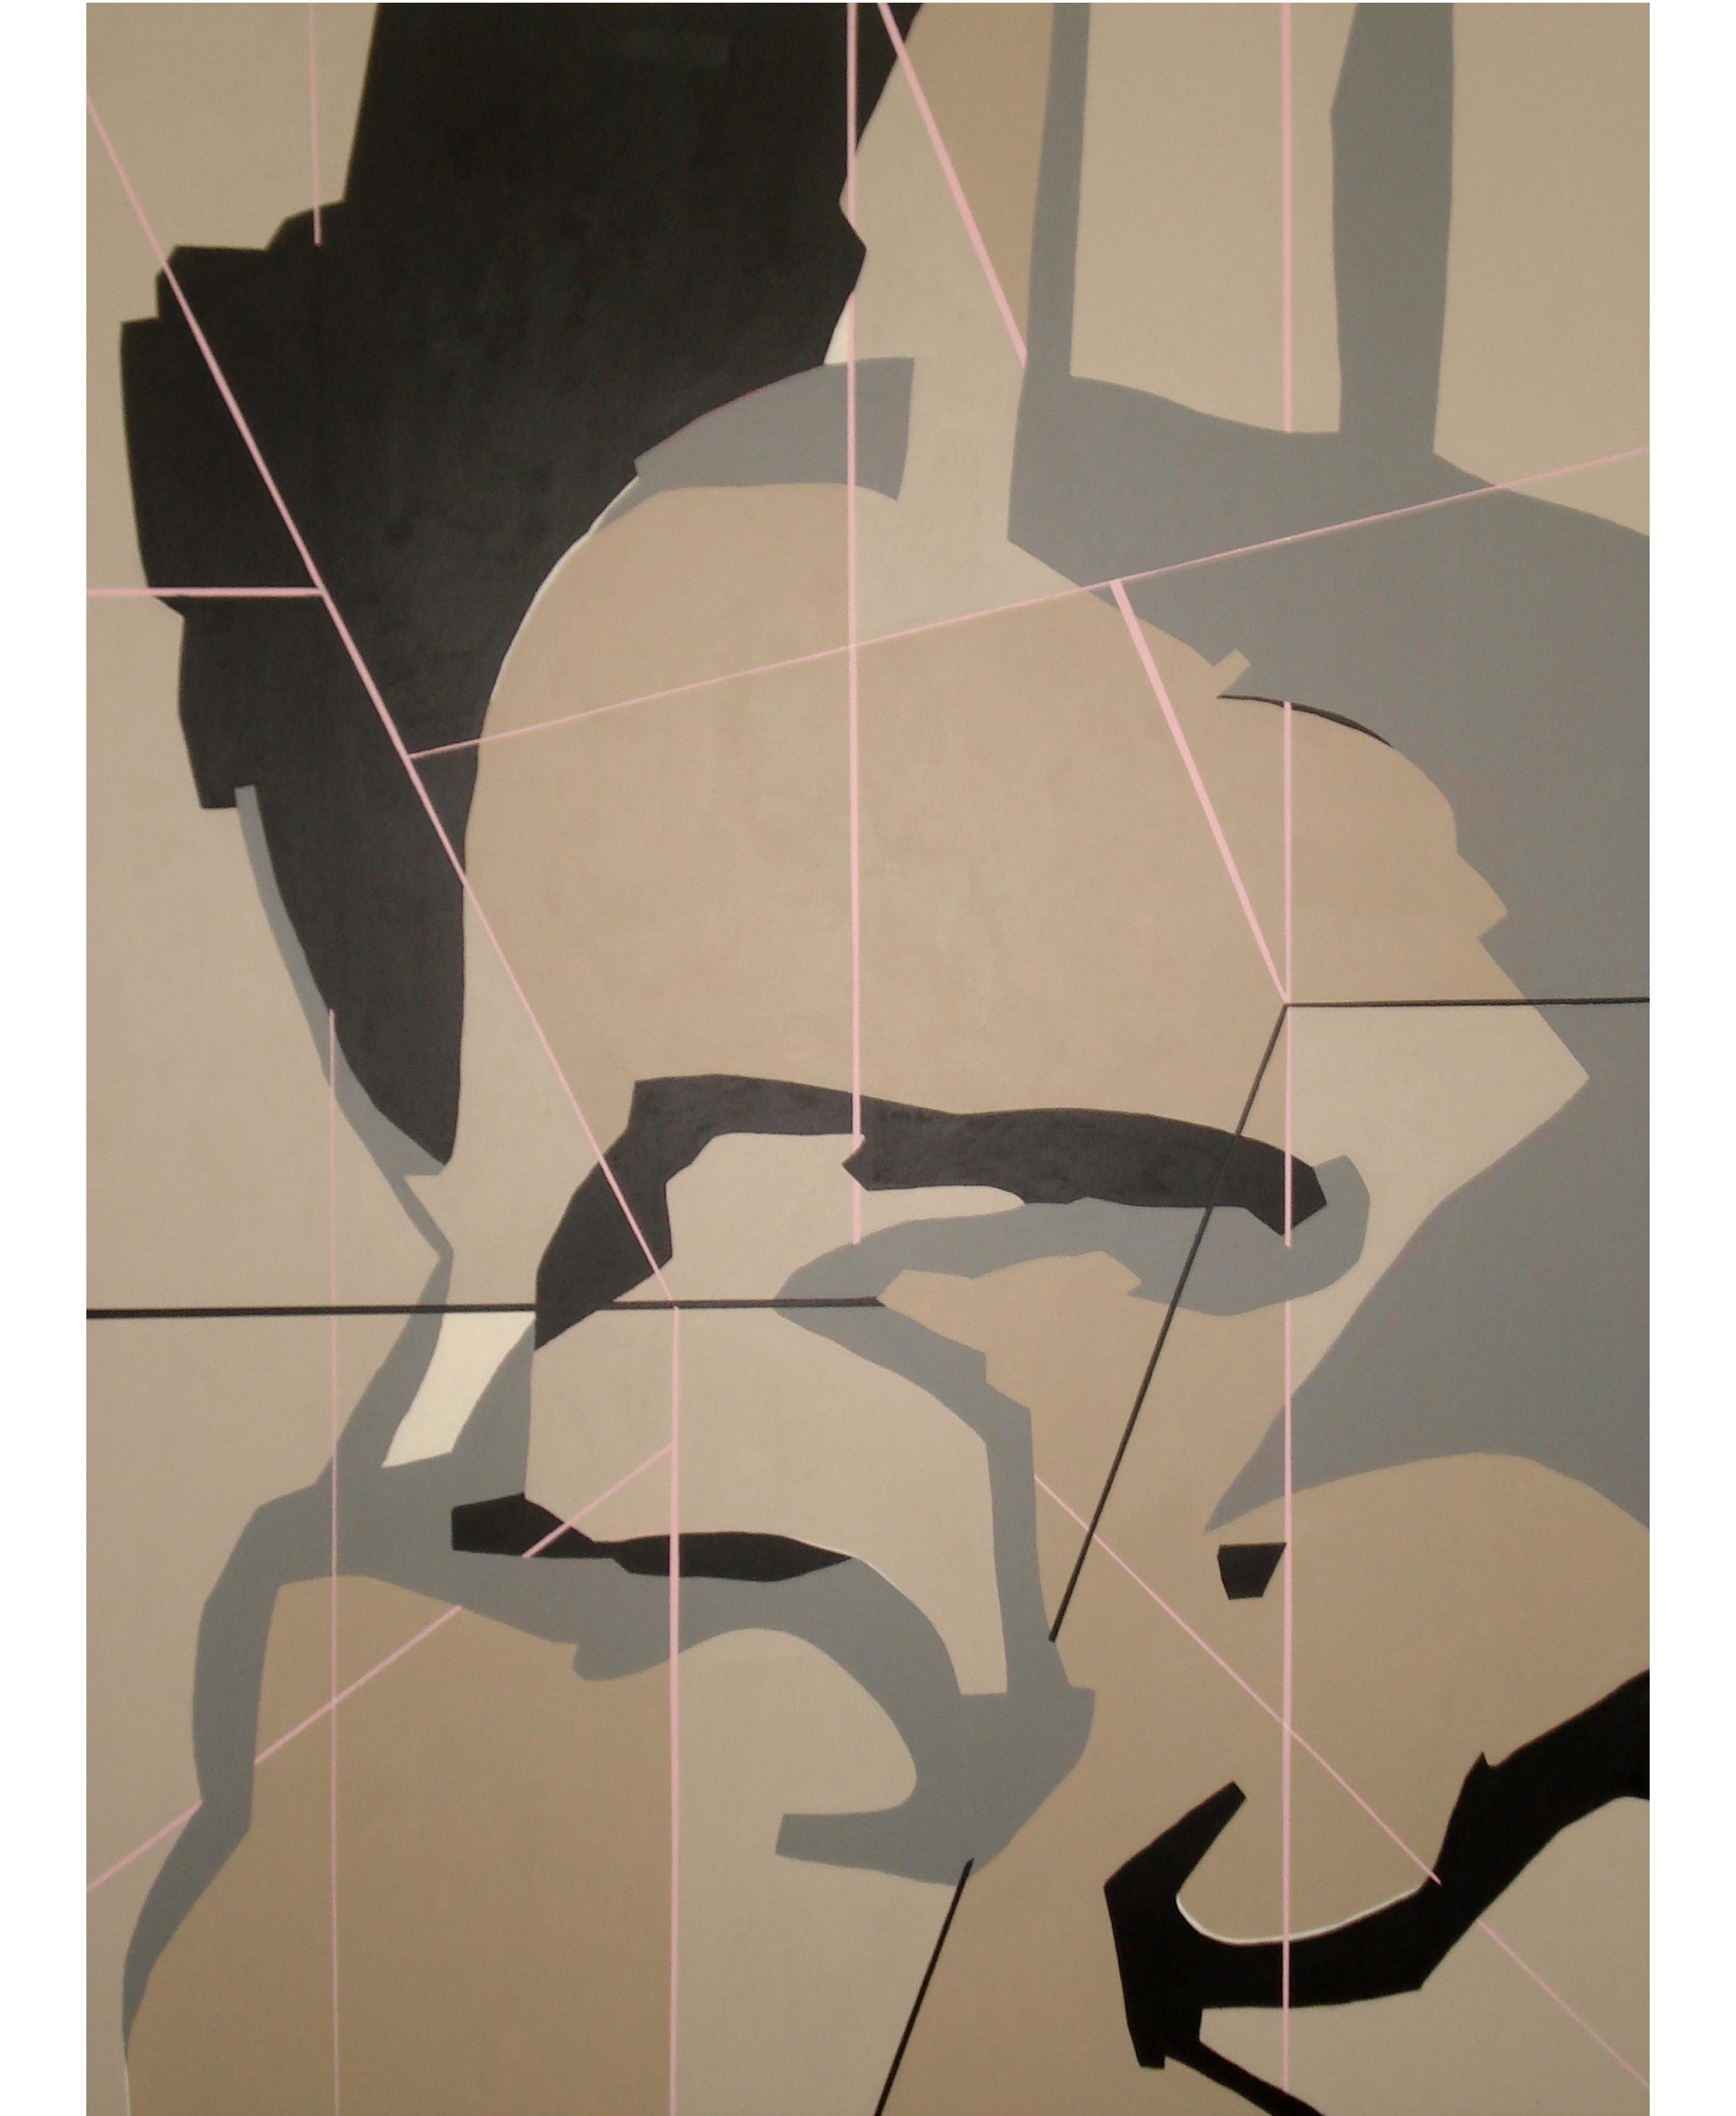 2010 - acryl op linnen 200x140